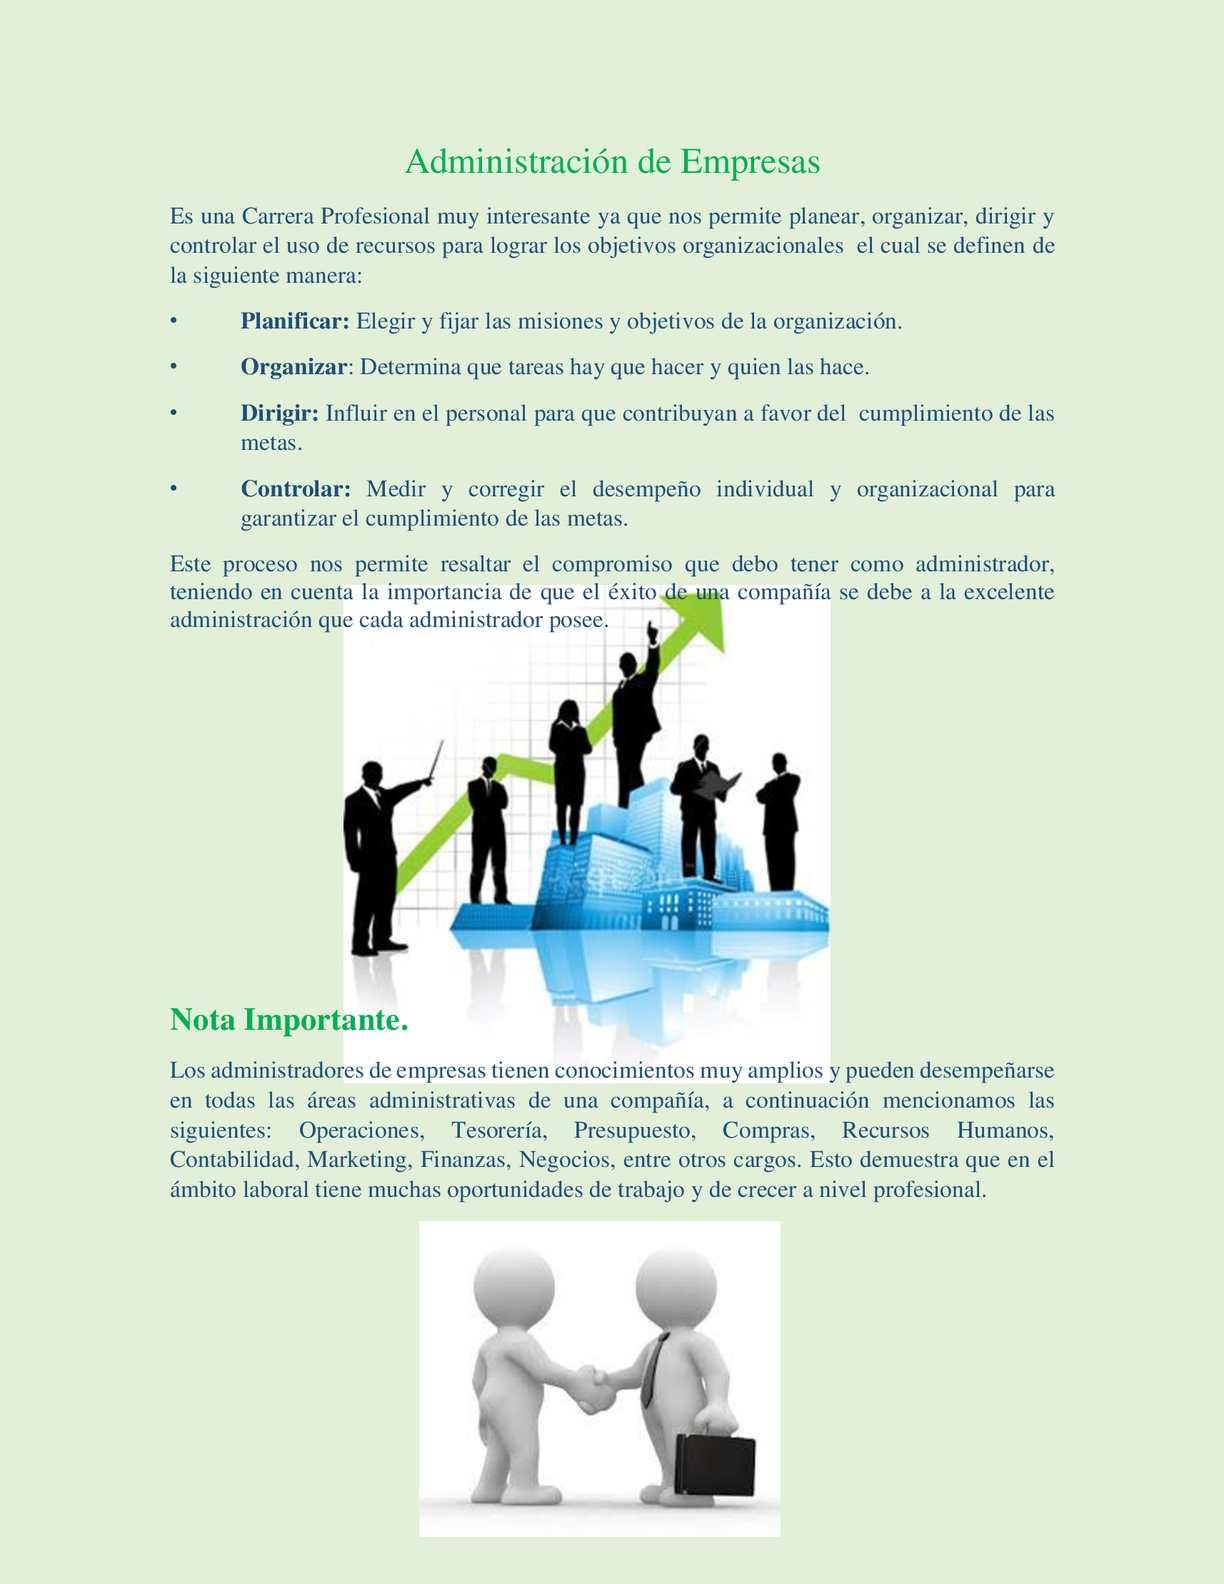 Publicidad Administración De Empresas